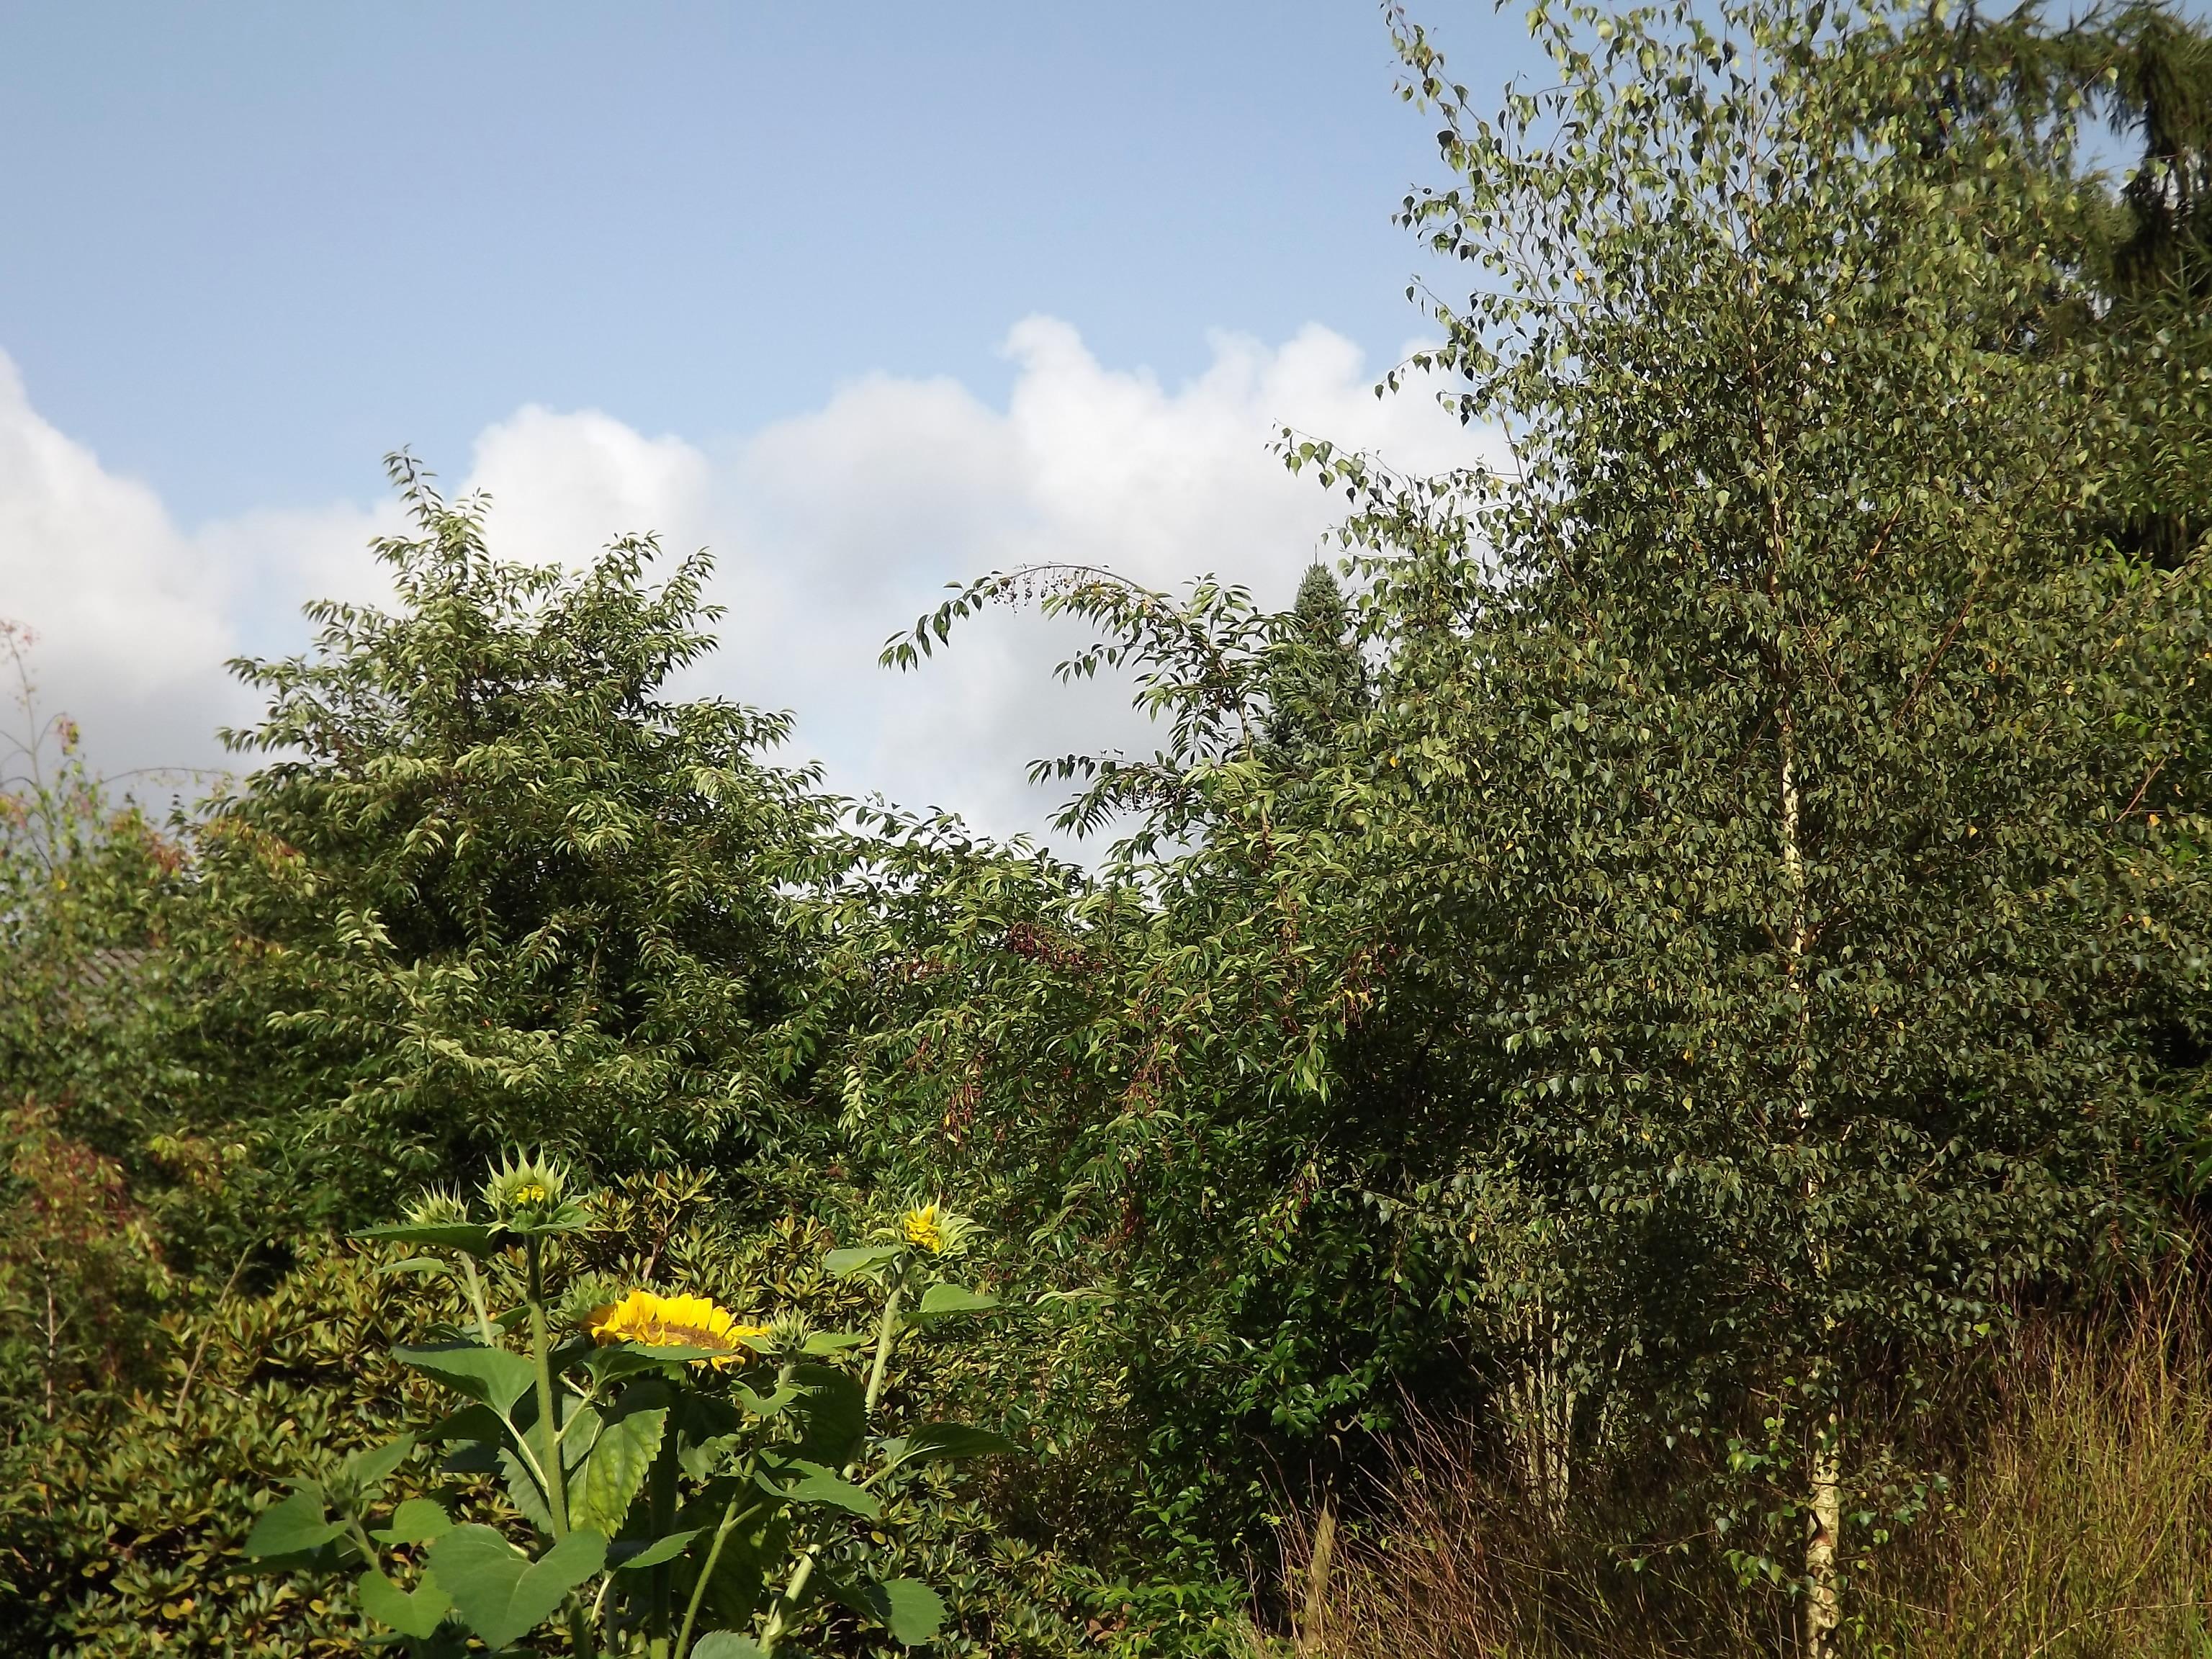 6439-pflanzen-im-sonnenlicht